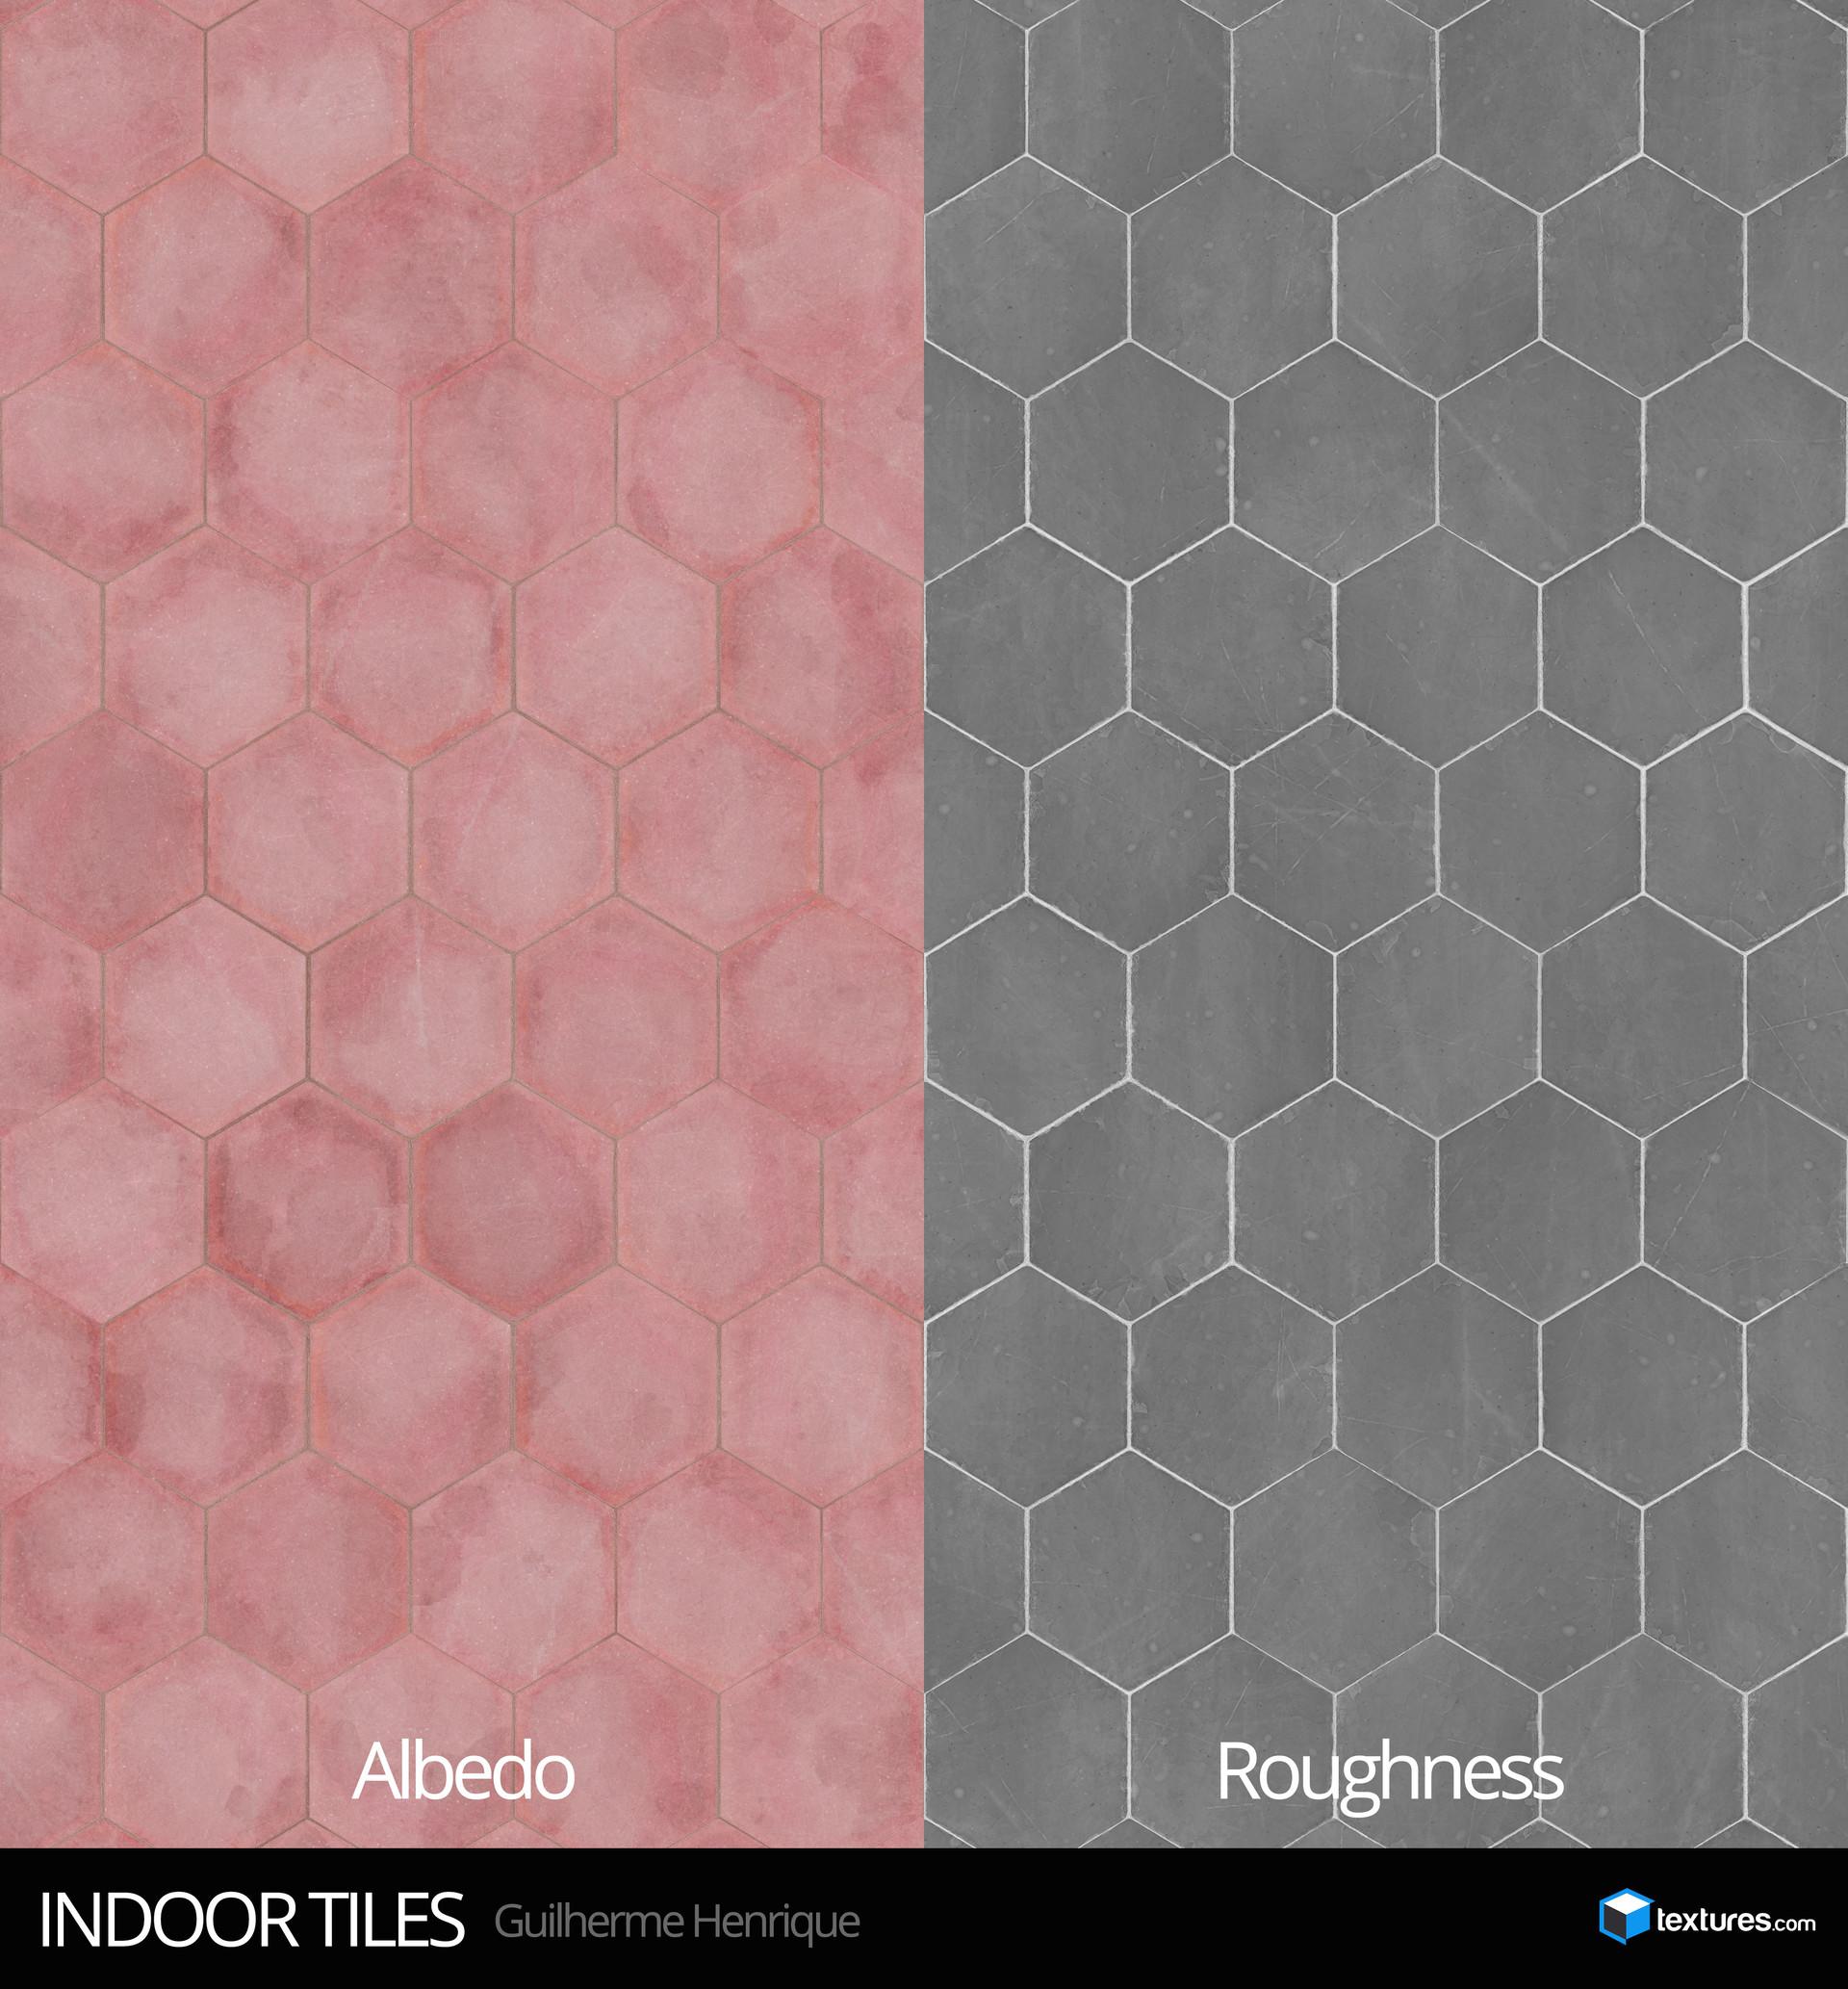 Guilherme henrique hexagonalpink